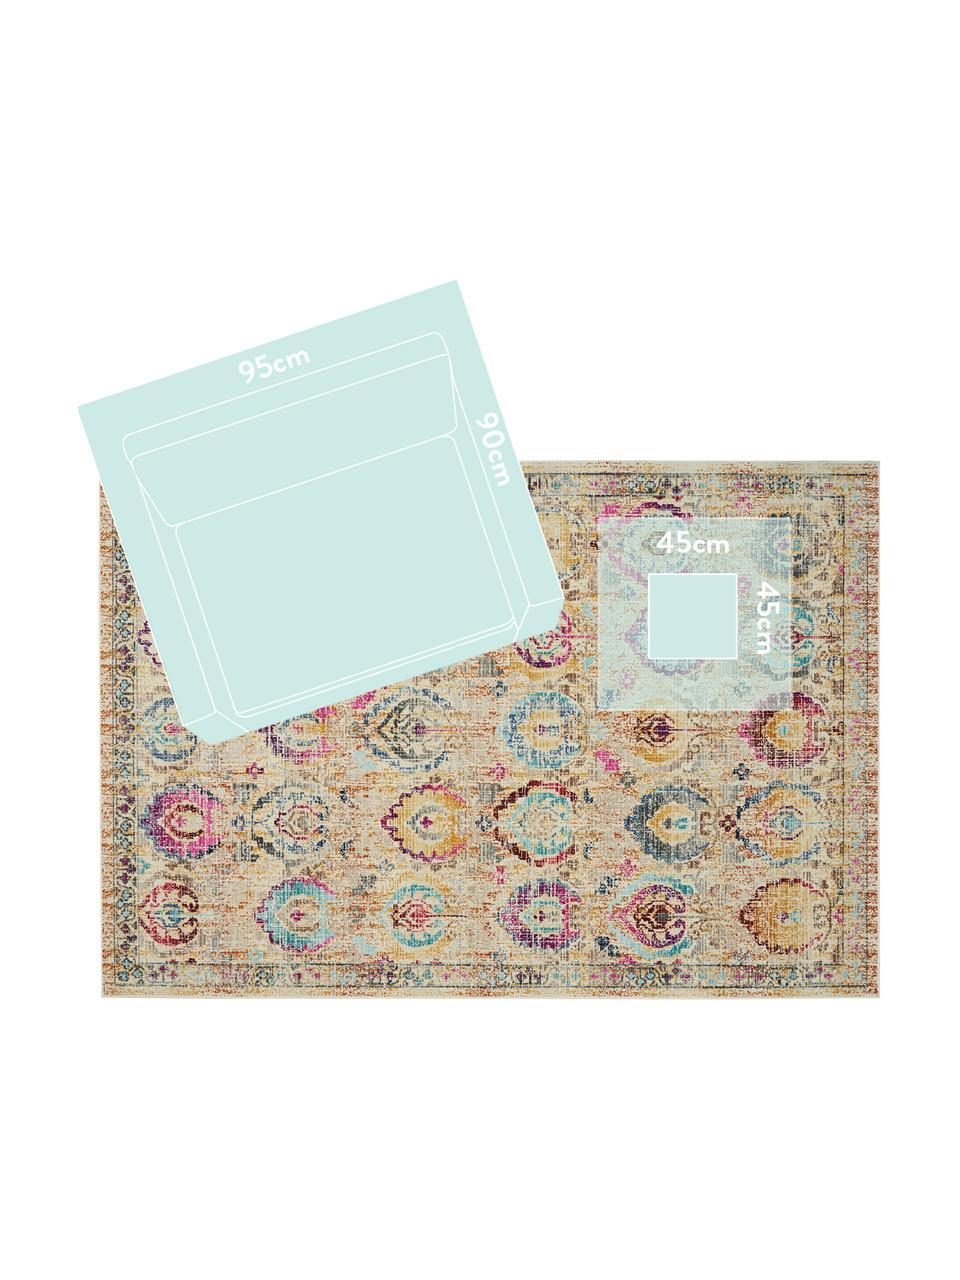 Niederflor-Teppich Kashan Vintage mit bunten Ornamenten, Flor: 100% Polypropylen, Beige, Mehrfarbig, B 160 x L 240 cm (Größe M)